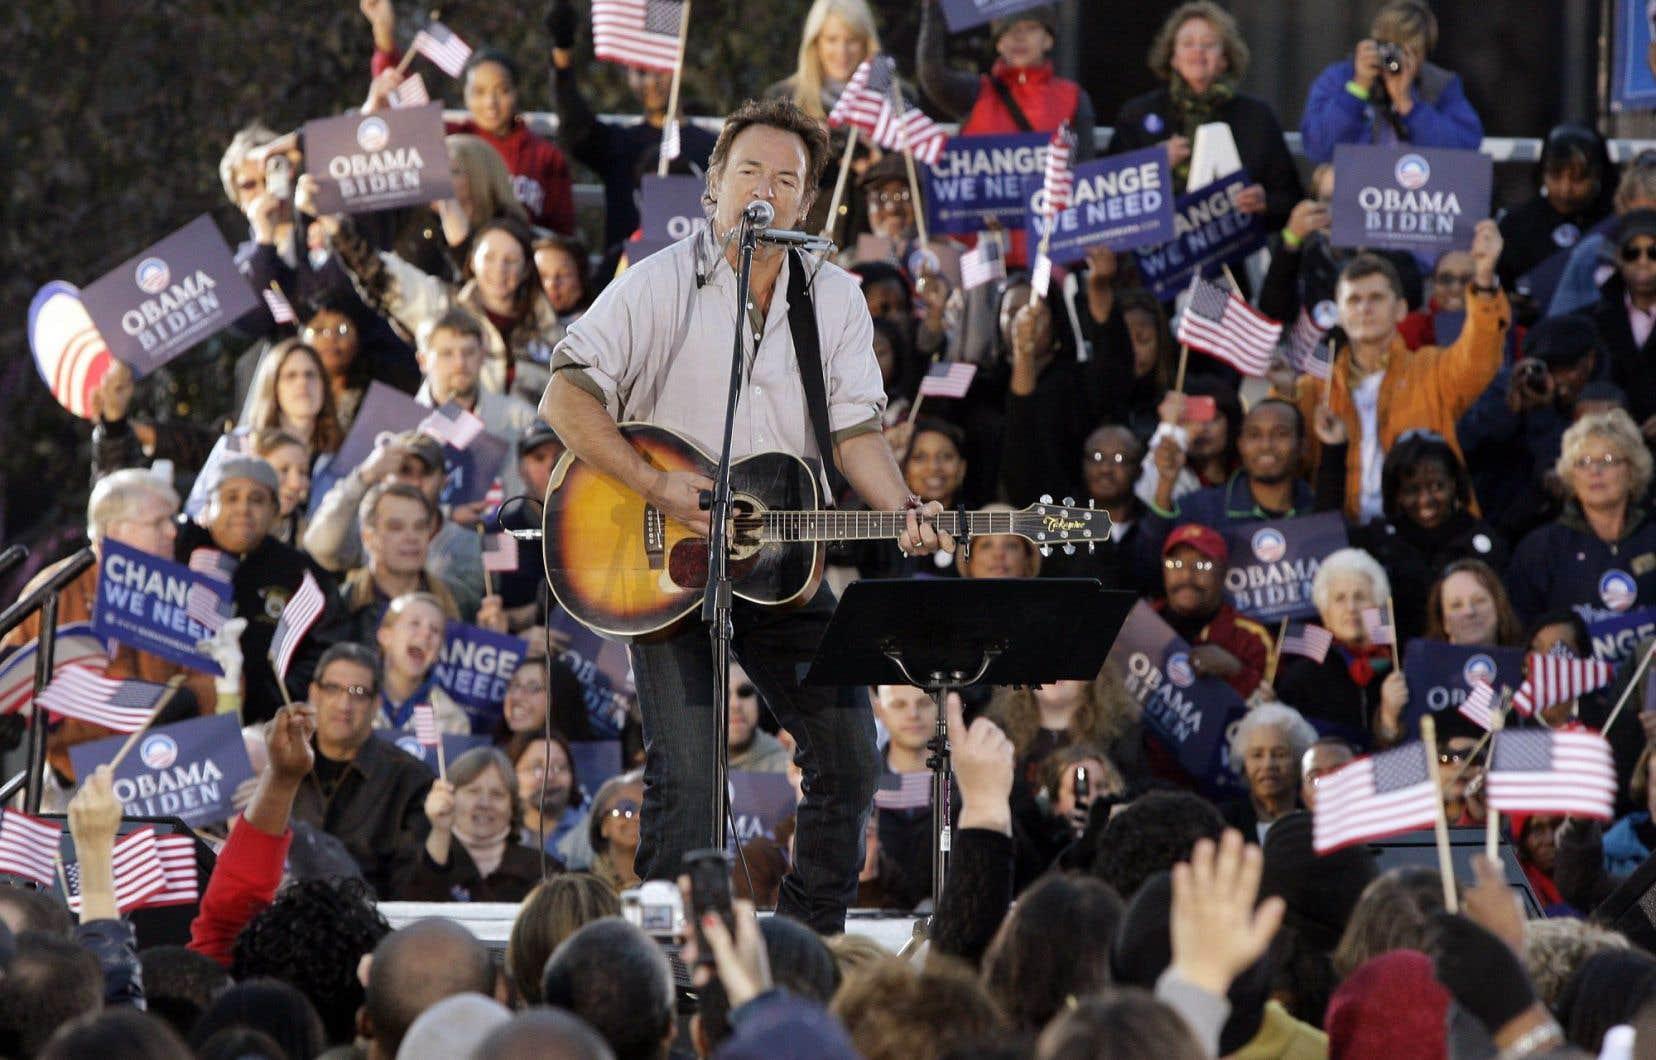 Bruce Springsteen lors d'un rassemblement pro-Obama en 2008. Le Boss est souvent intervenu pour empêcher les républicains d'utiliser sa chanson «Born in the U.S.A.».